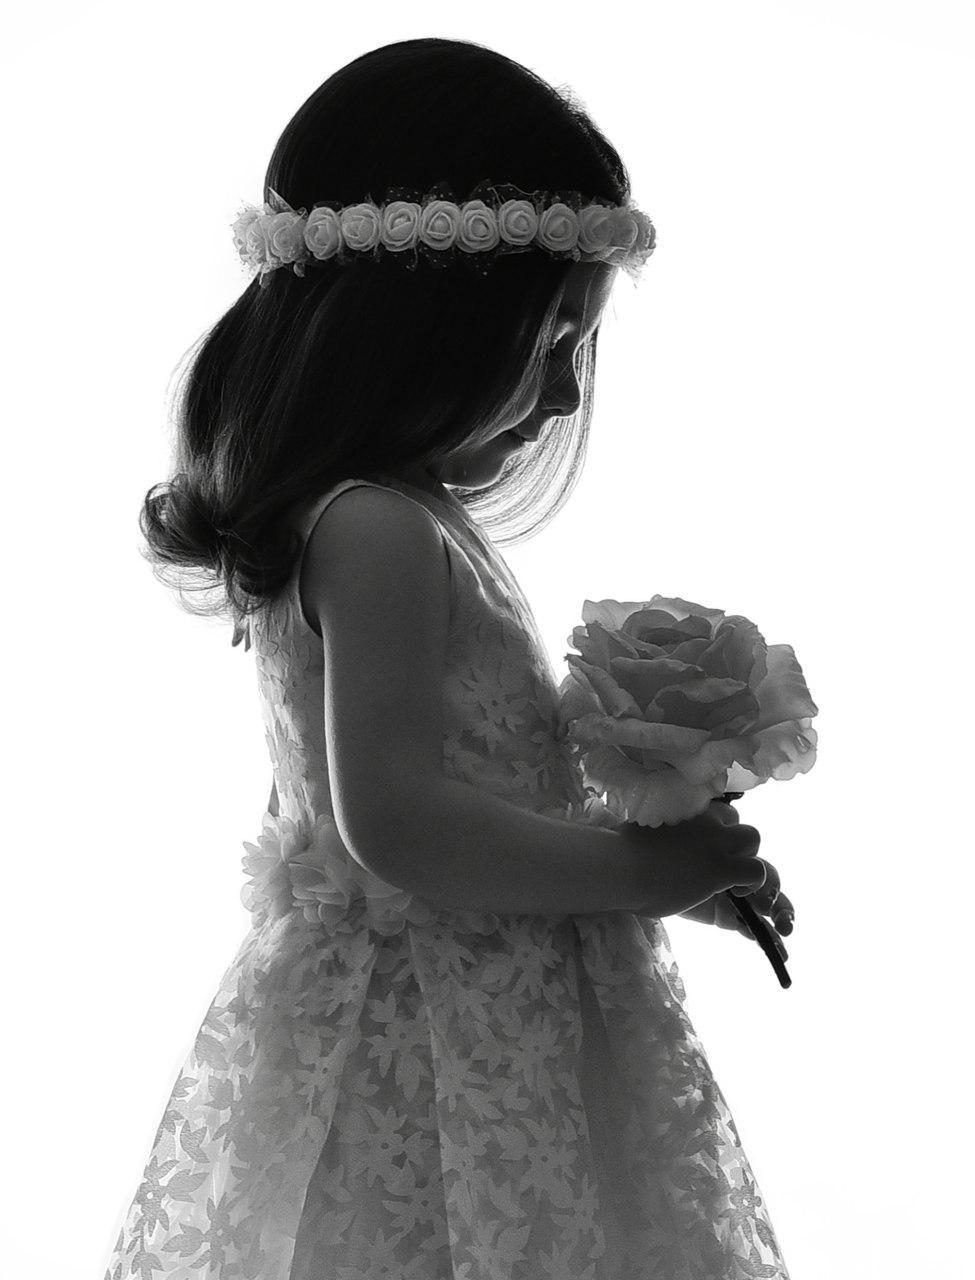 نکاتی برای برقراری ارتباط با کودکان در عکاسی کودک